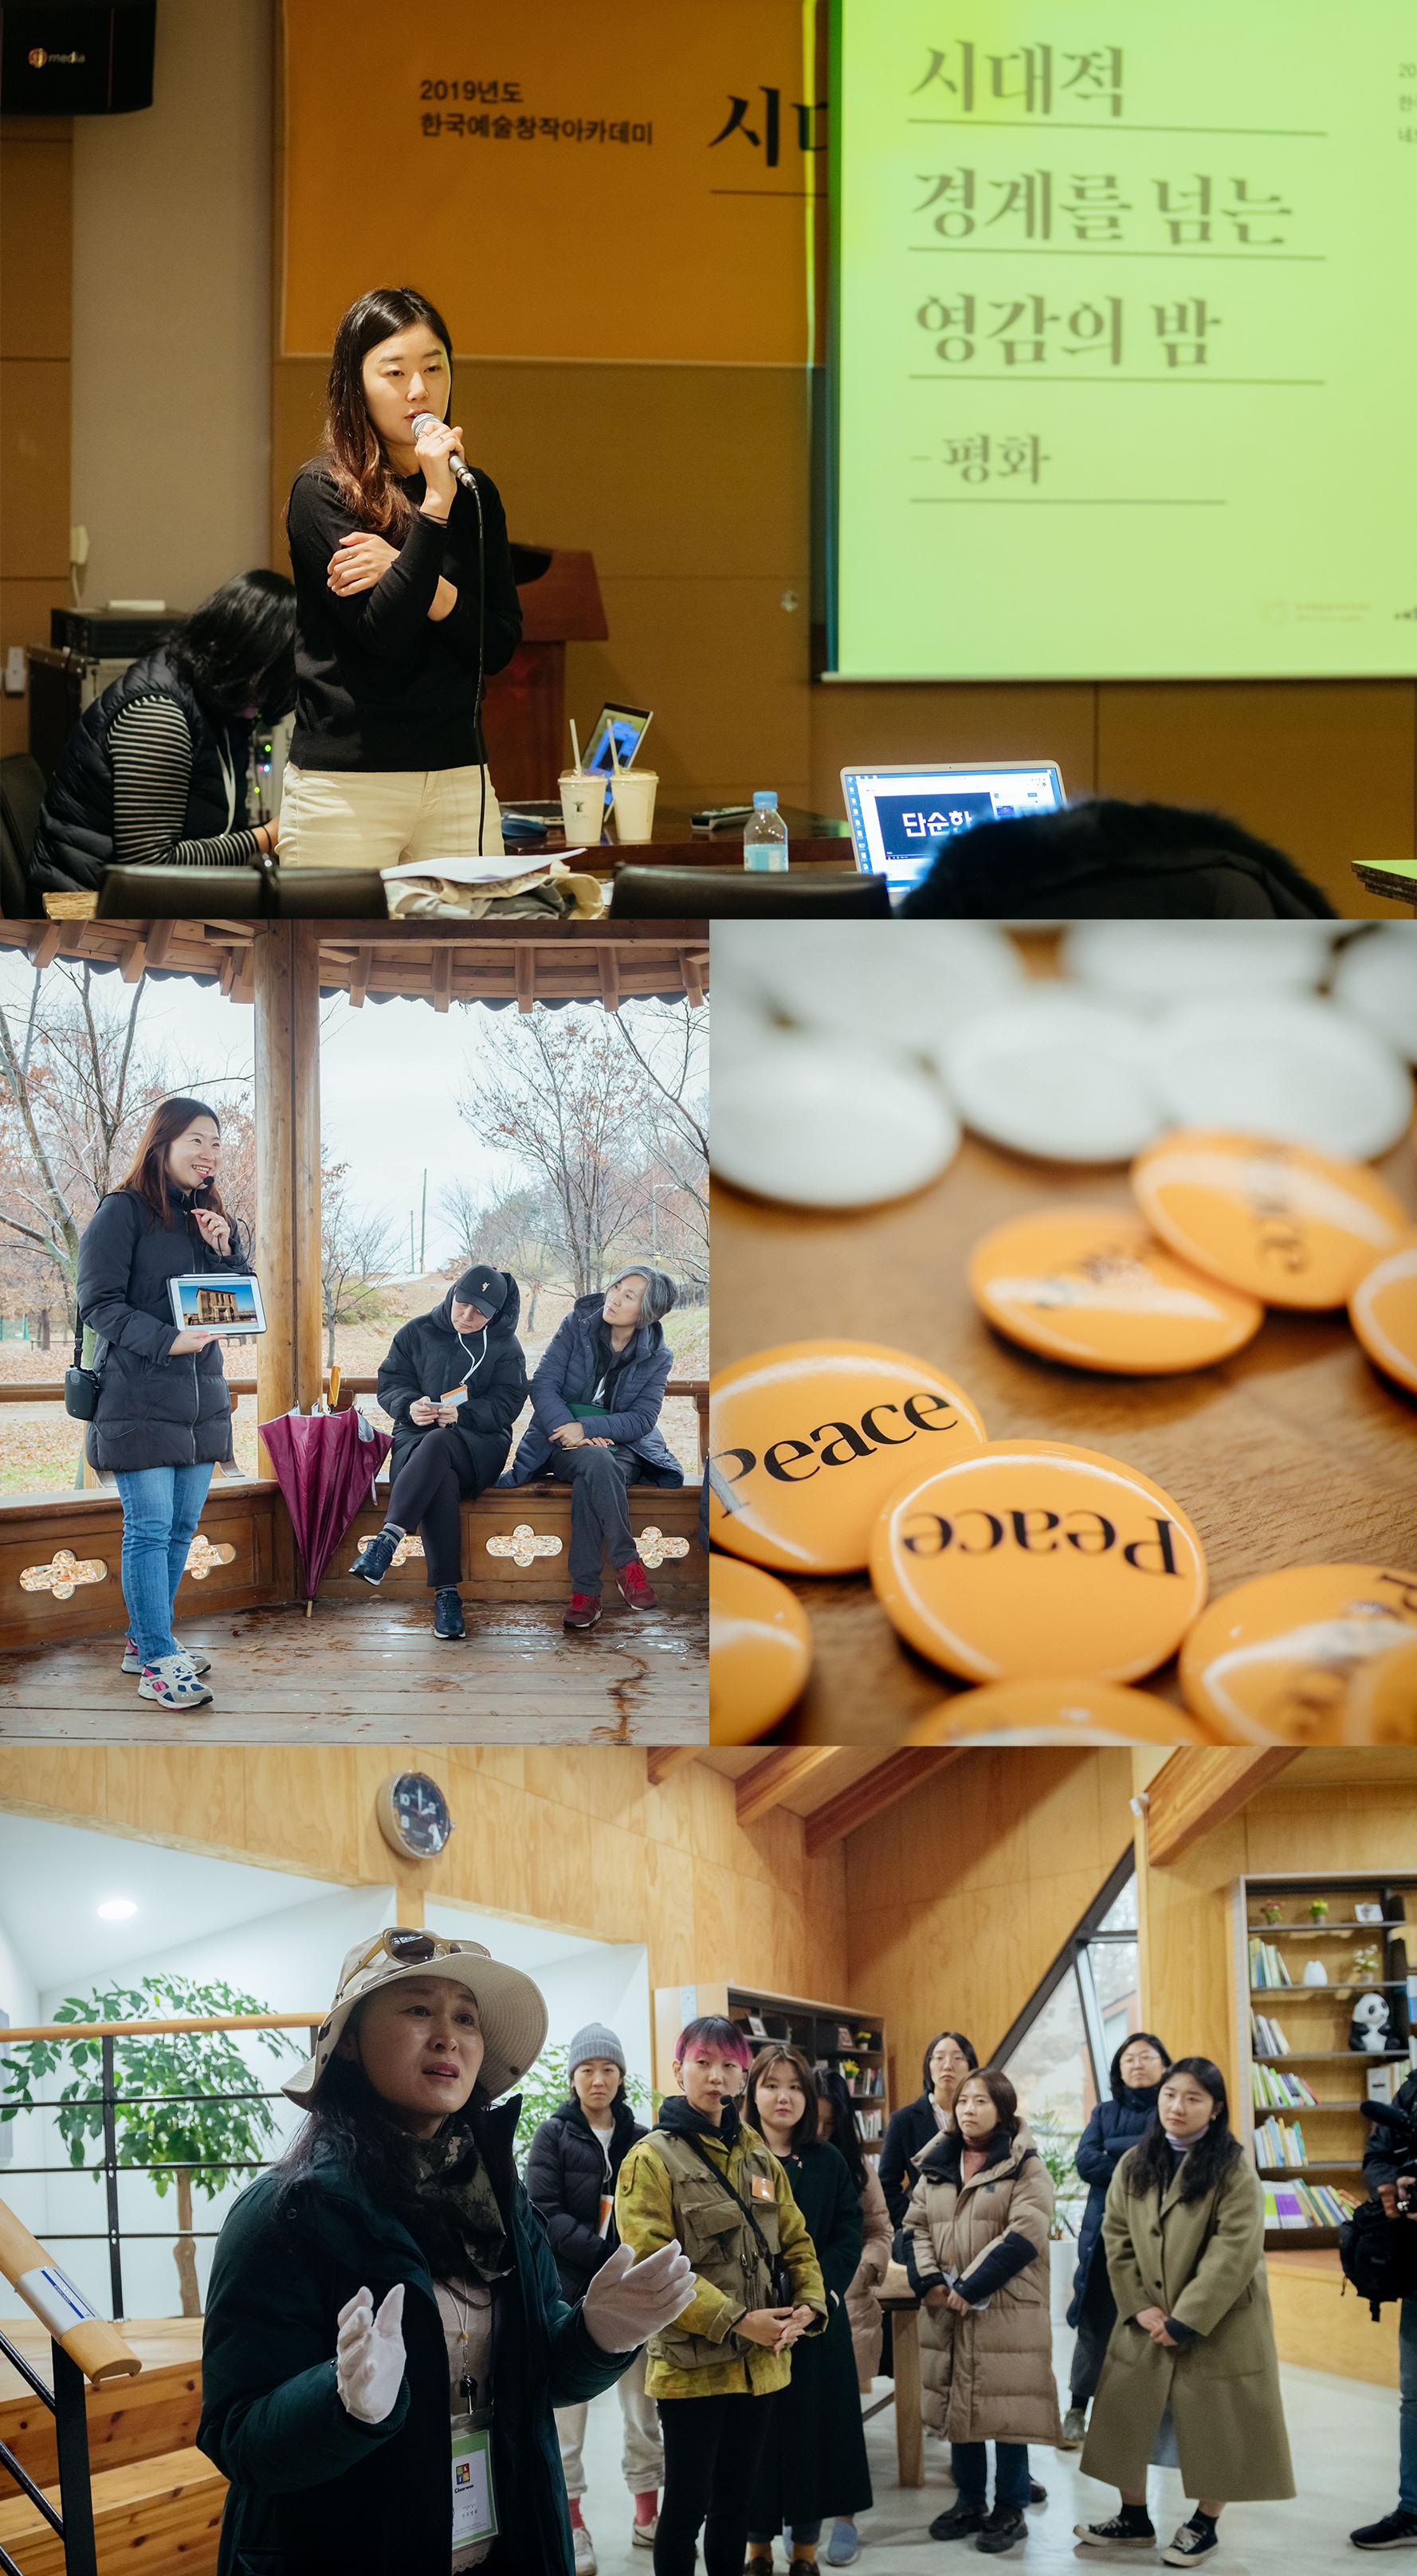 2019년 한국예술창작아카데미 네트워킹 프로그램